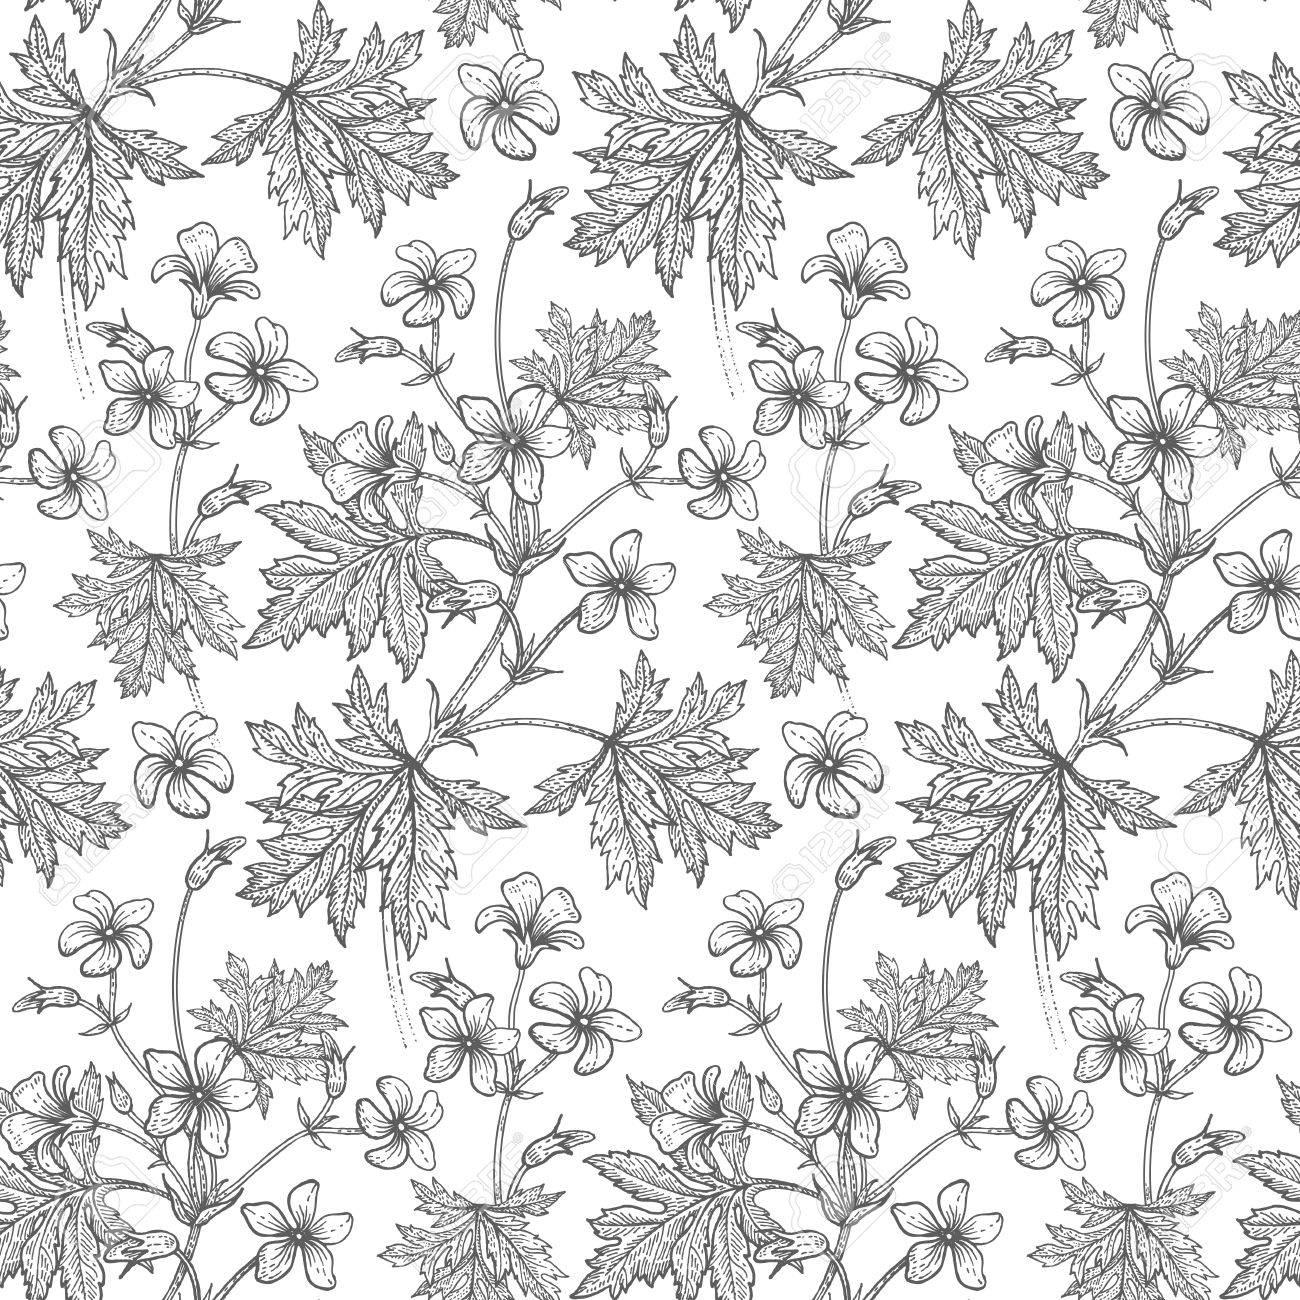 Papier Peint Noir Et Blanc Graphique fleur de géranium. motif floral sans couture. illustration vectorielle.  dessin artistique art. graphiques en noir et blanc. gravure vintage.